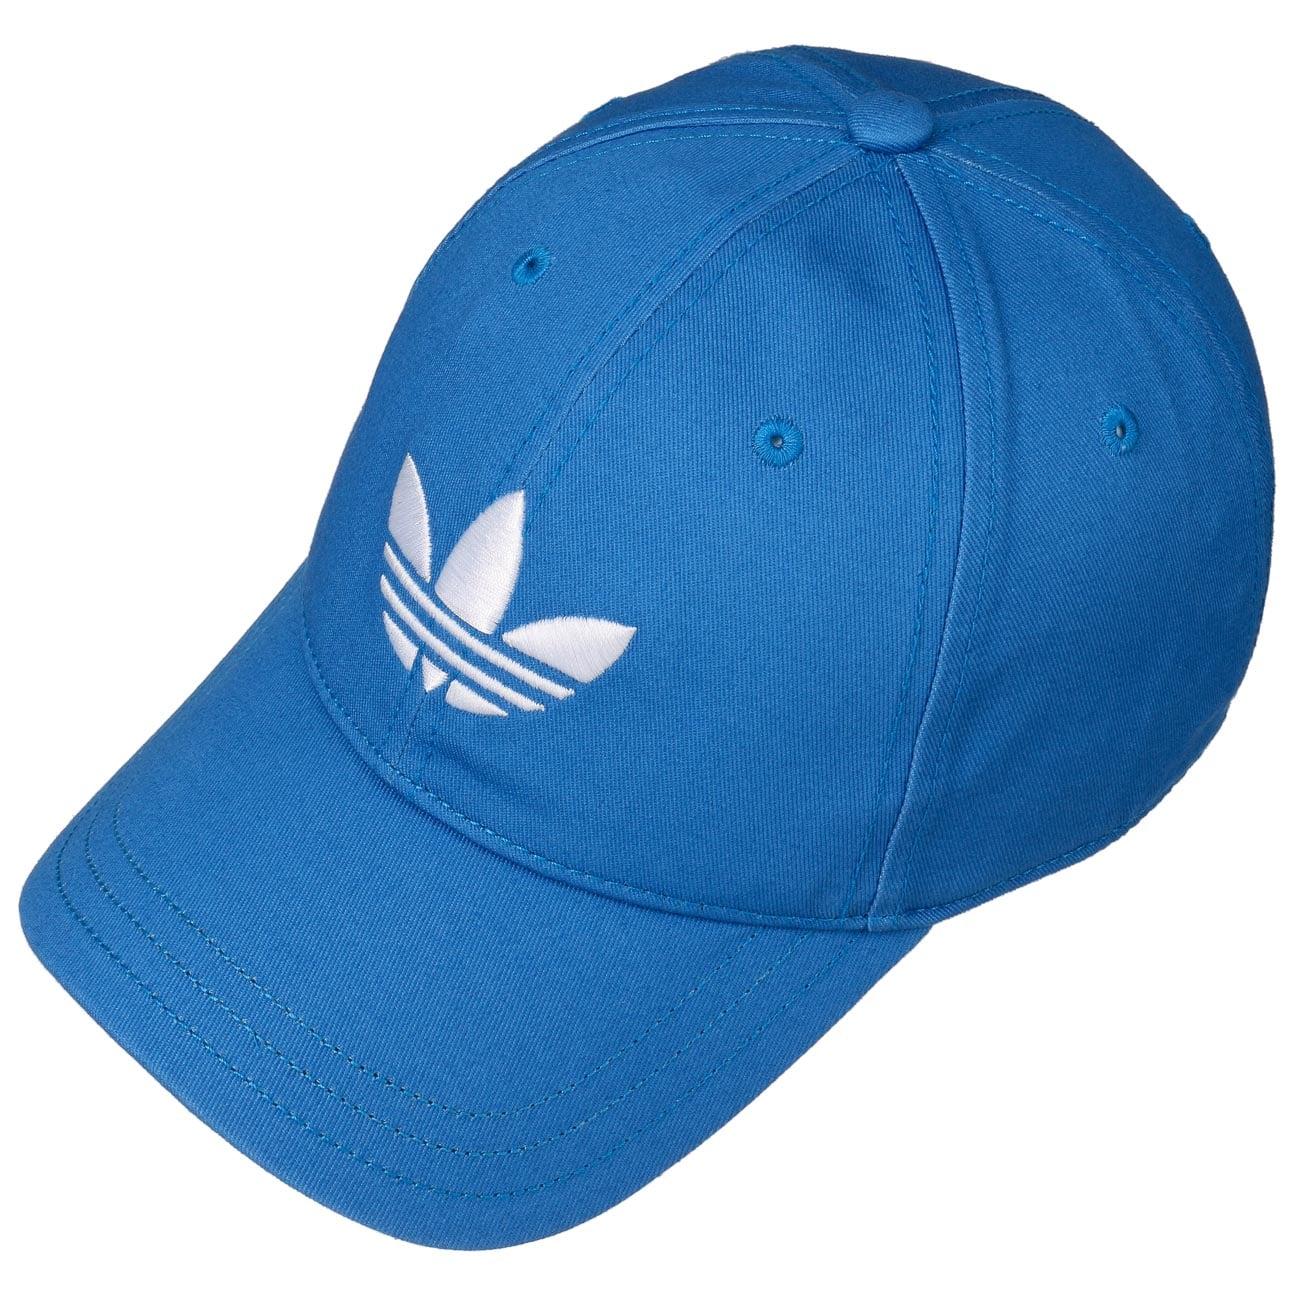 Gorra Trefoil Baseball Cap by adidas - Gorras - sombreroshop.es 0fa872ffcb3